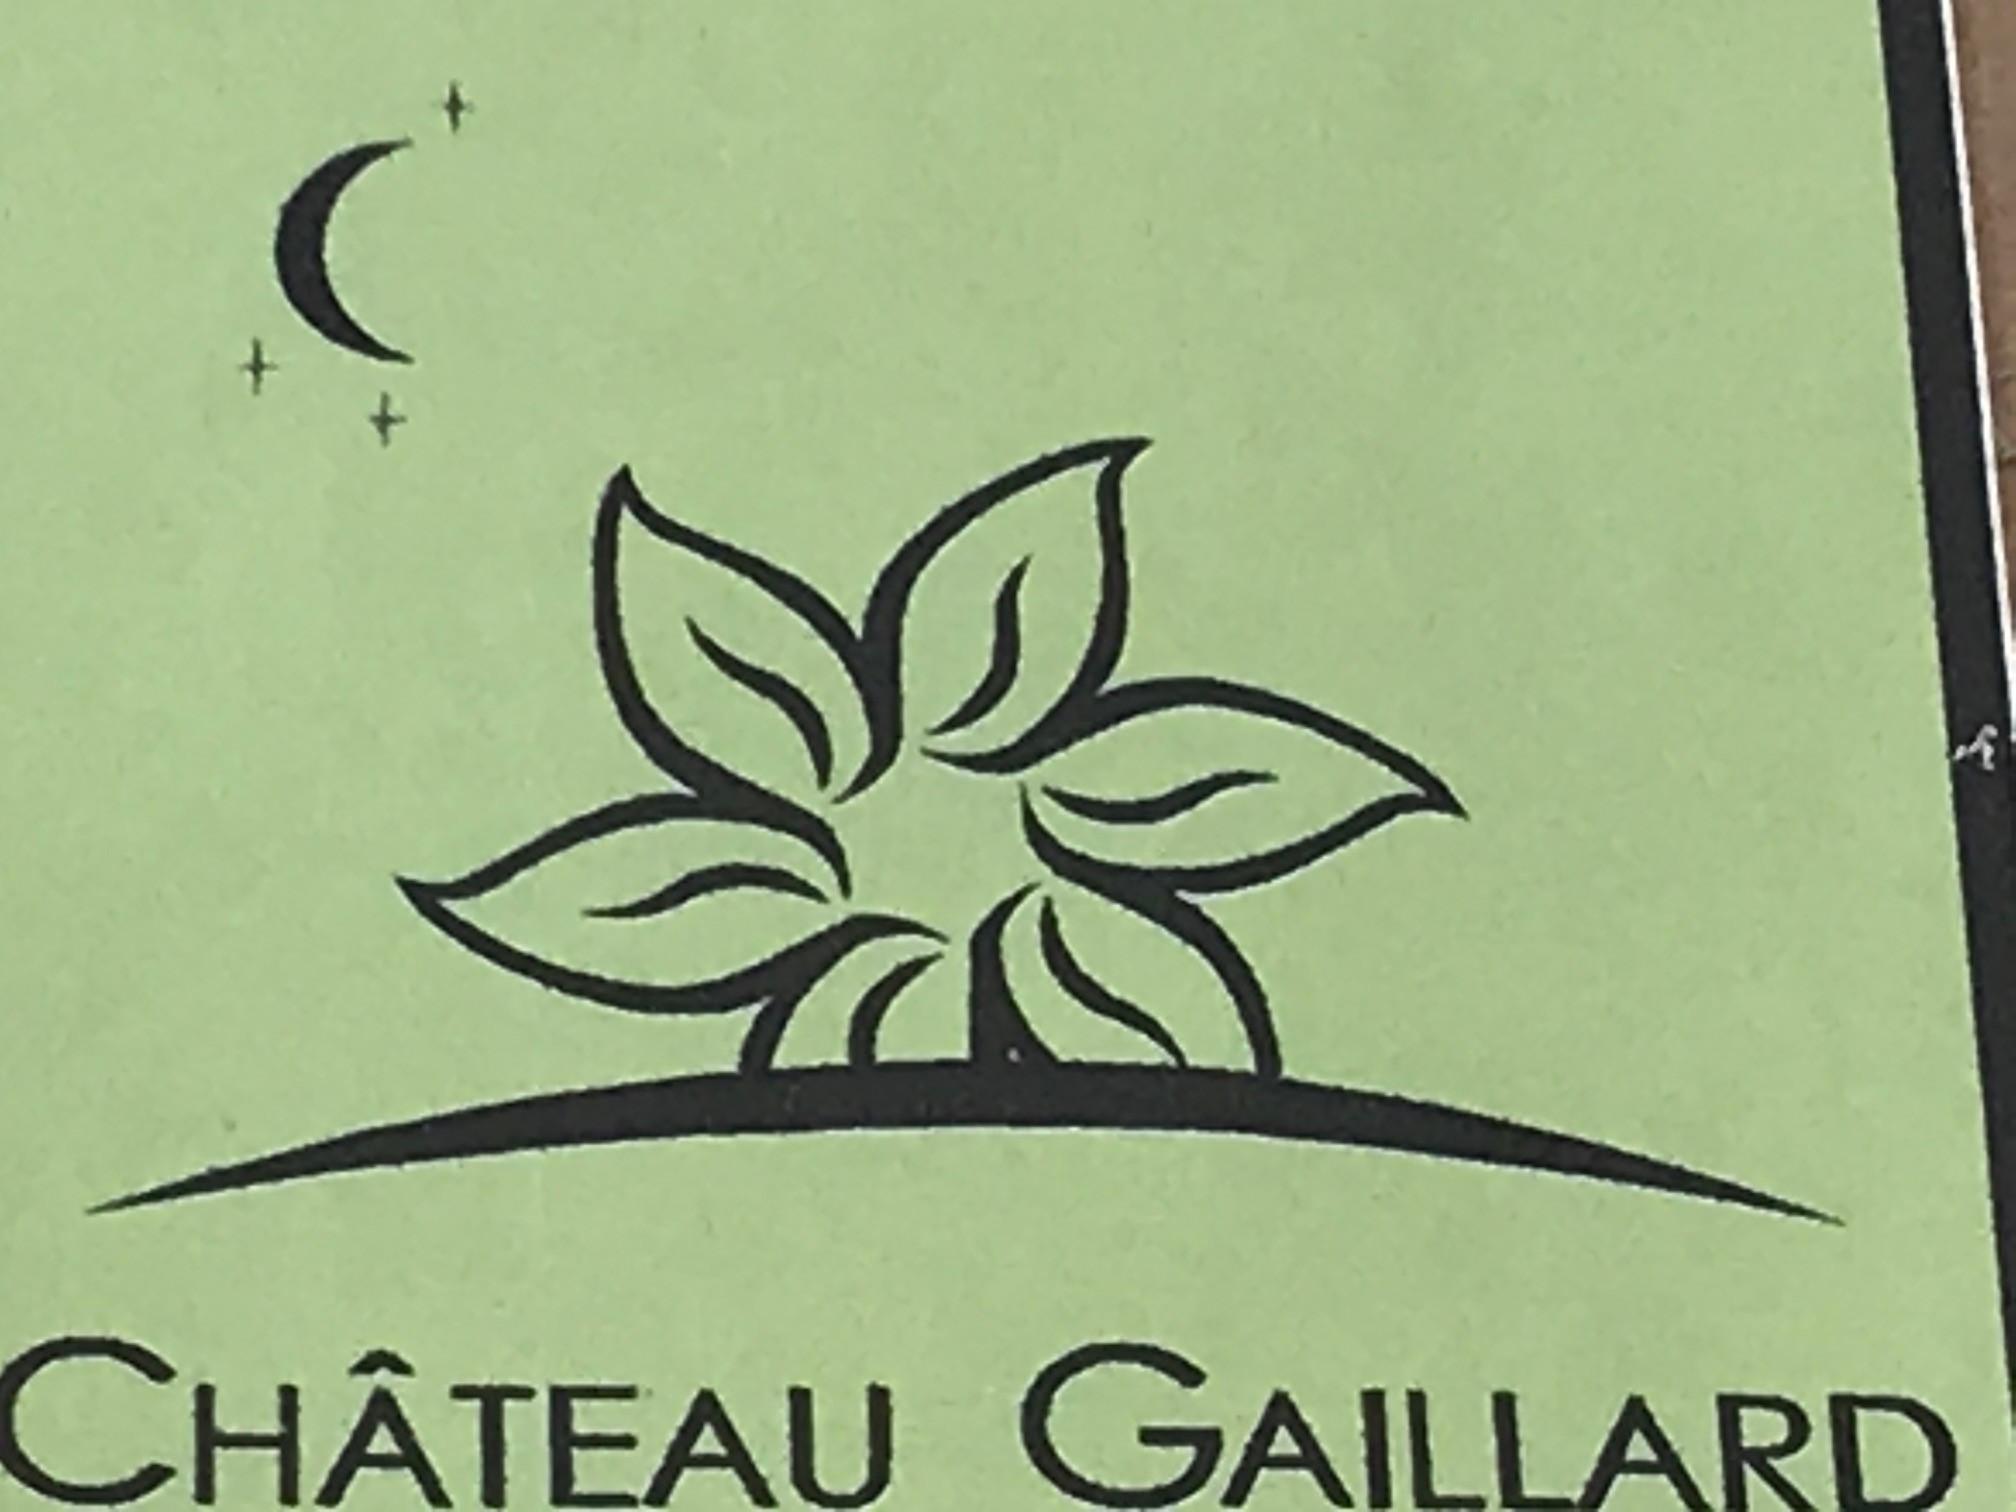 Chateau Gaillard, Cueilleur de bien être